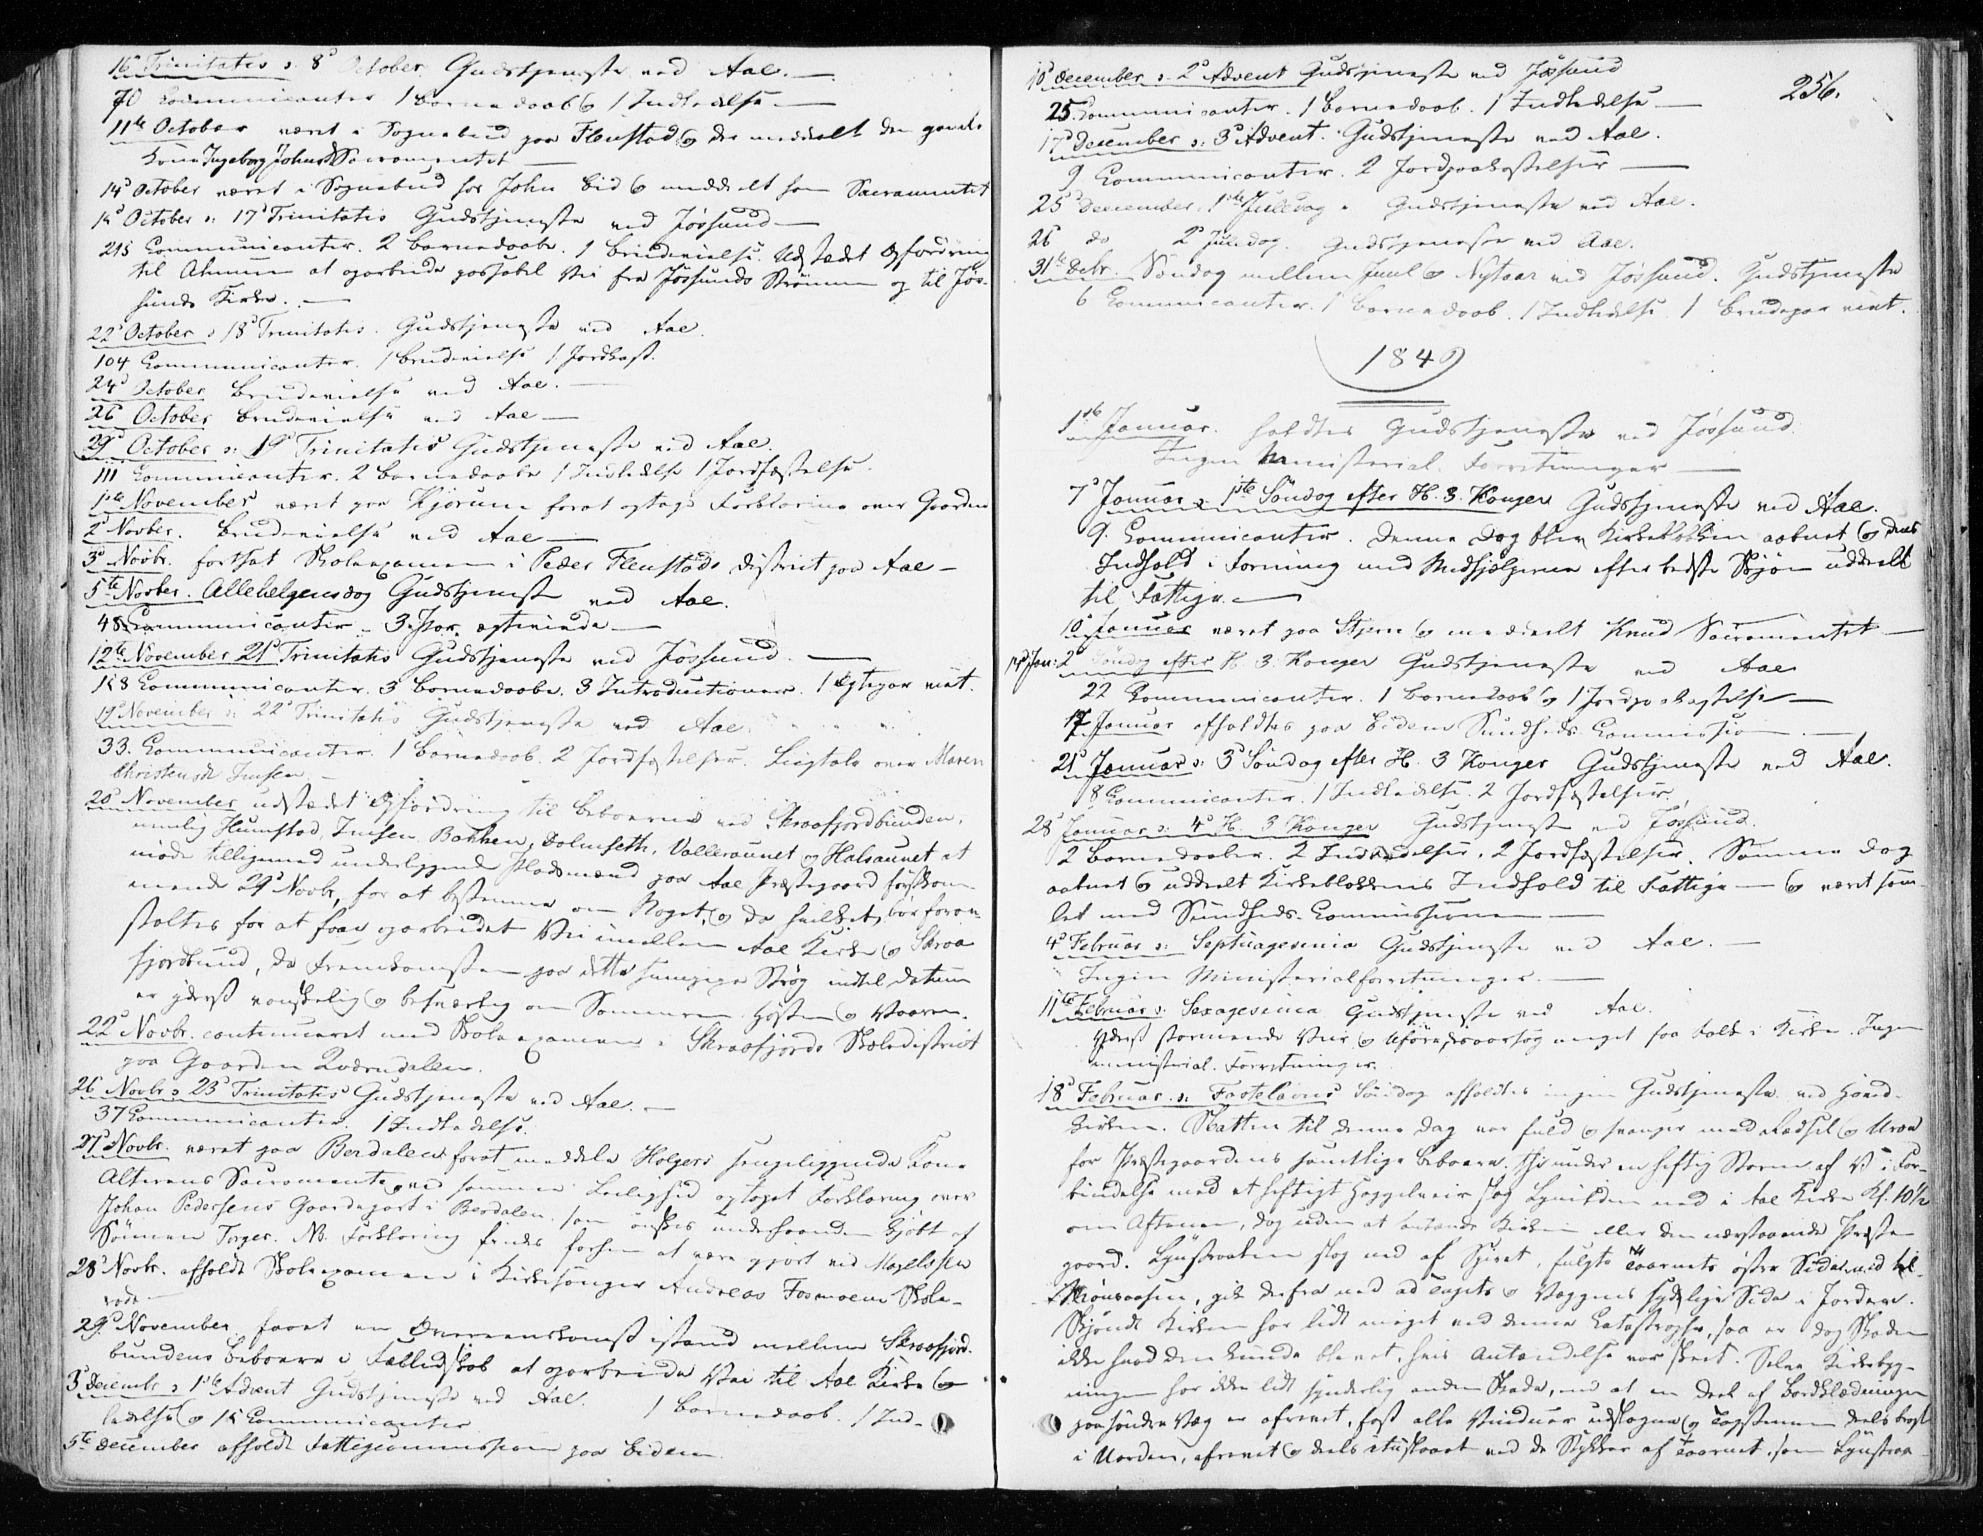 SAT, Ministerialprotokoller, klokkerbøker og fødselsregistre - Sør-Trøndelag, 655/L0677: Ministerialbok nr. 655A06, 1847-1860, s. 256